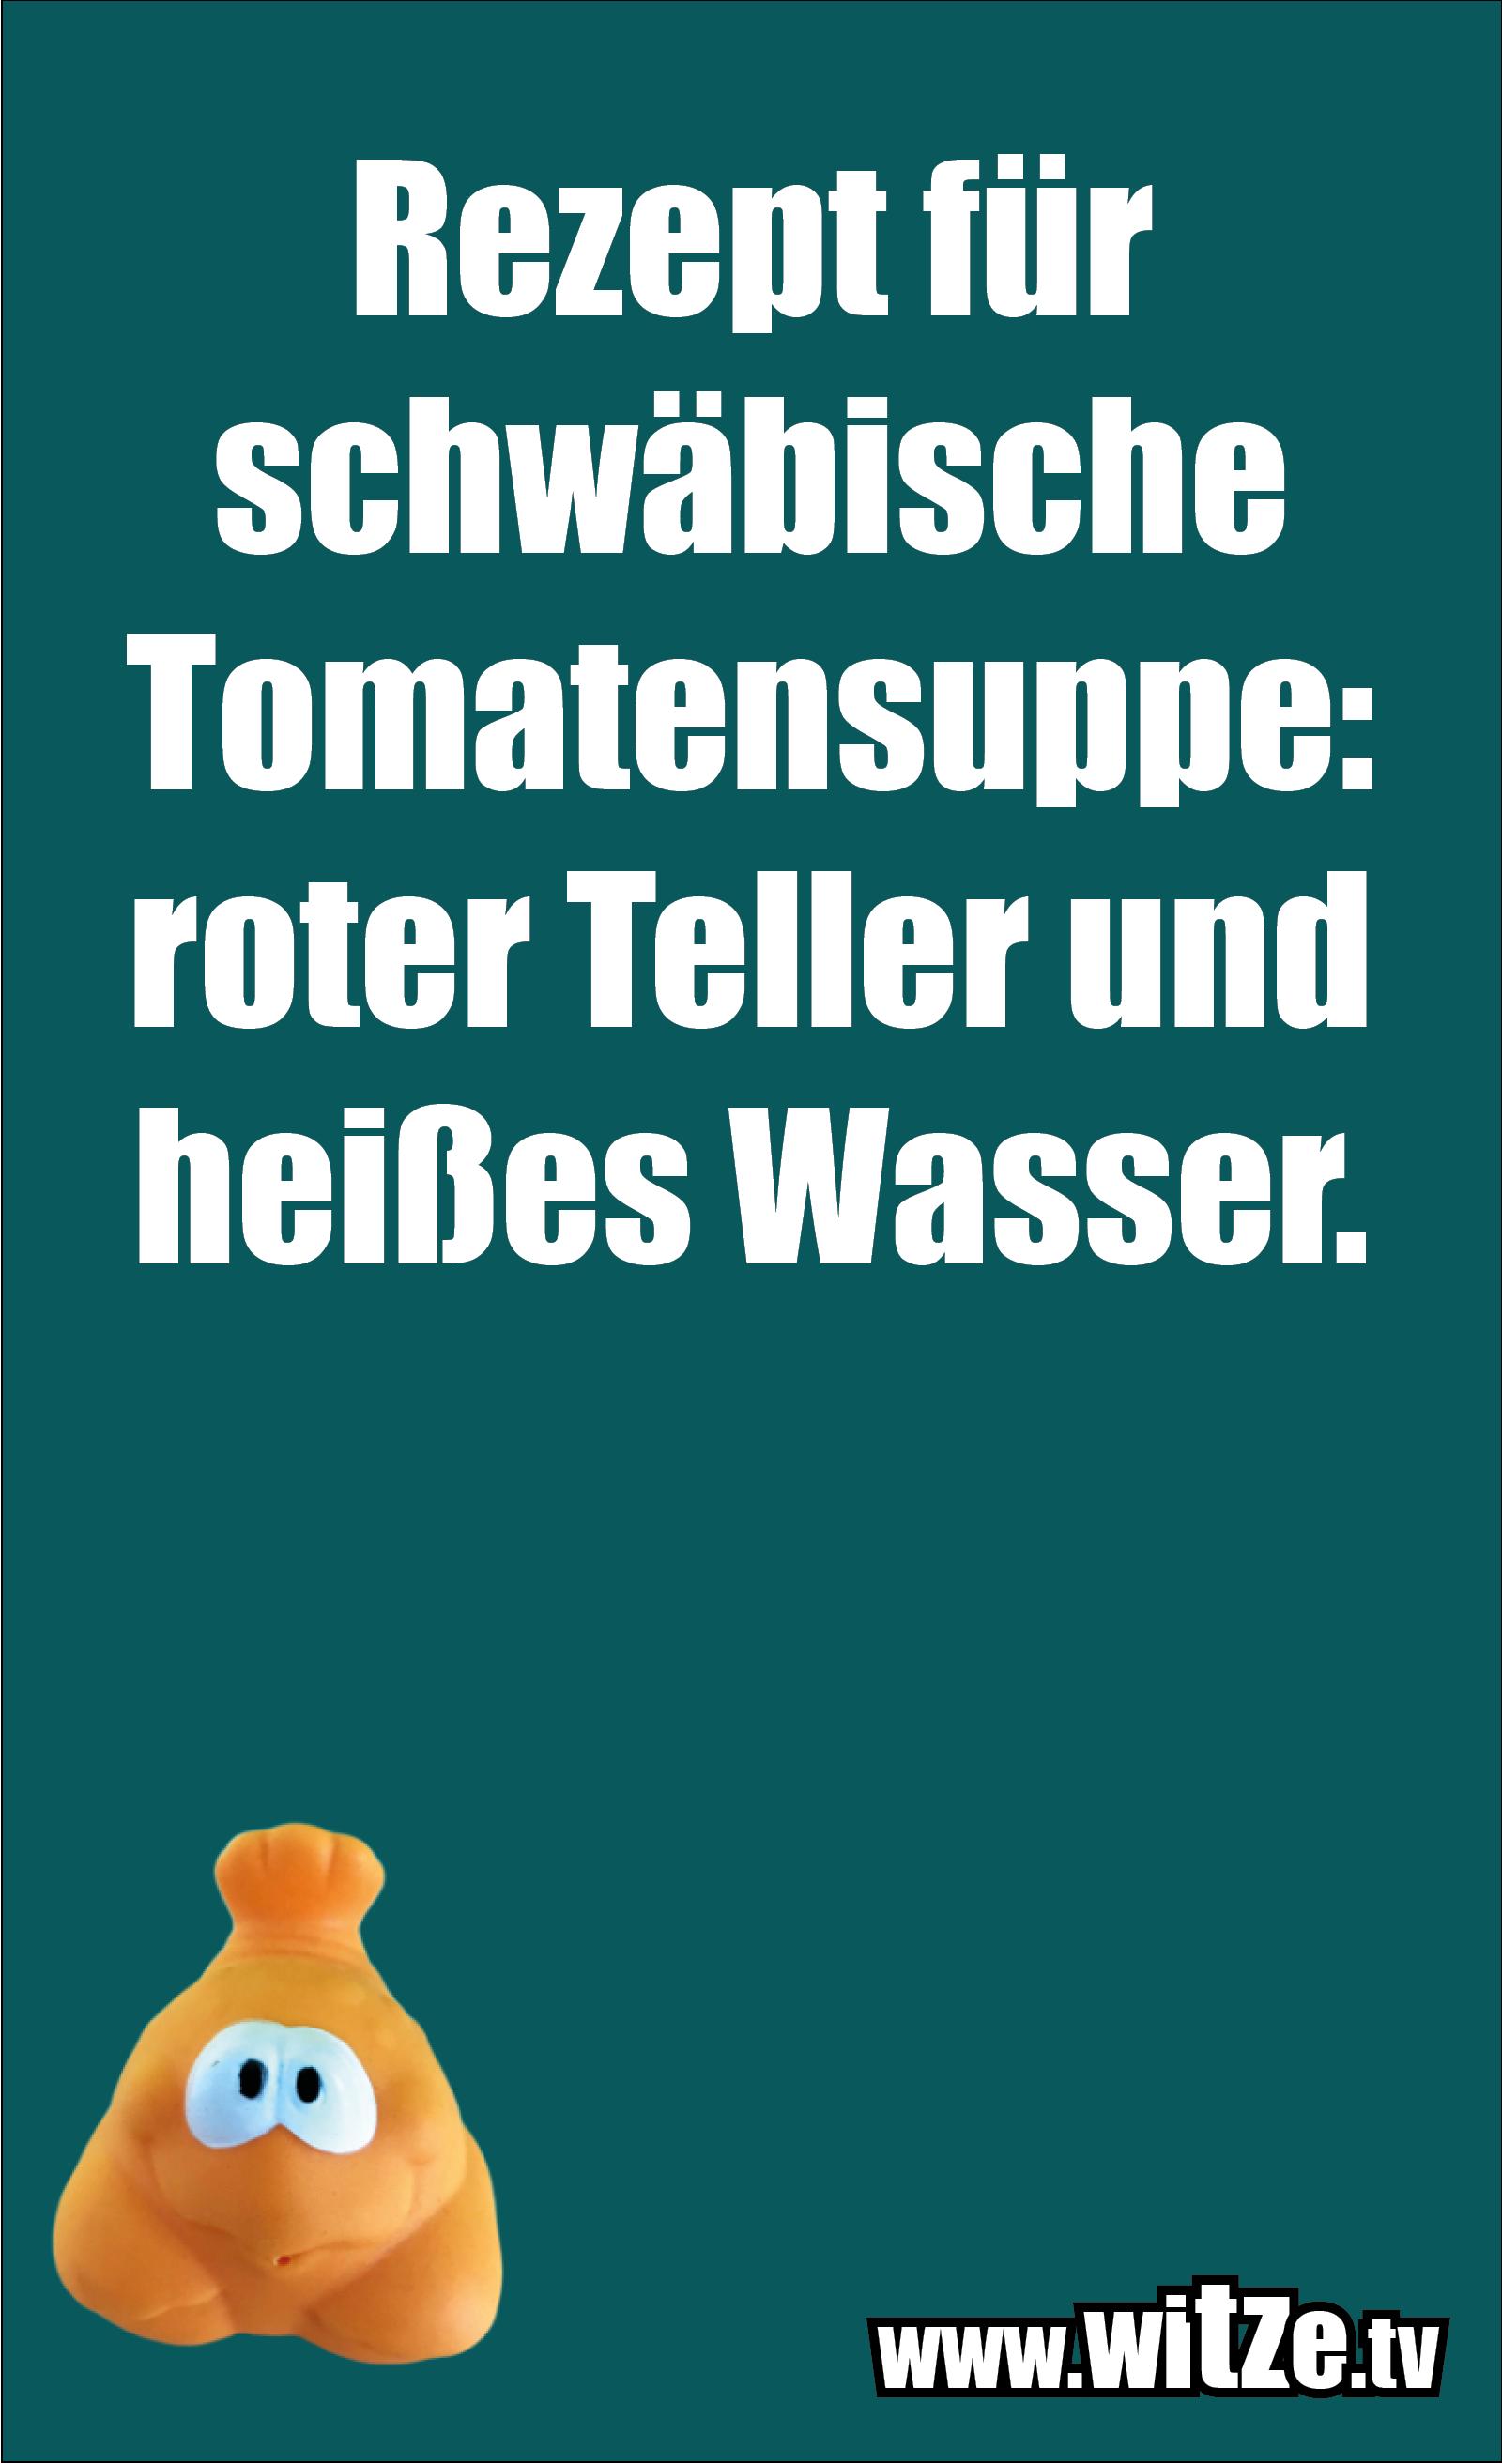 Schwaben Witz… Rezept für schwäbische Tomatensuppe: roter Teller und heißes Wasser.